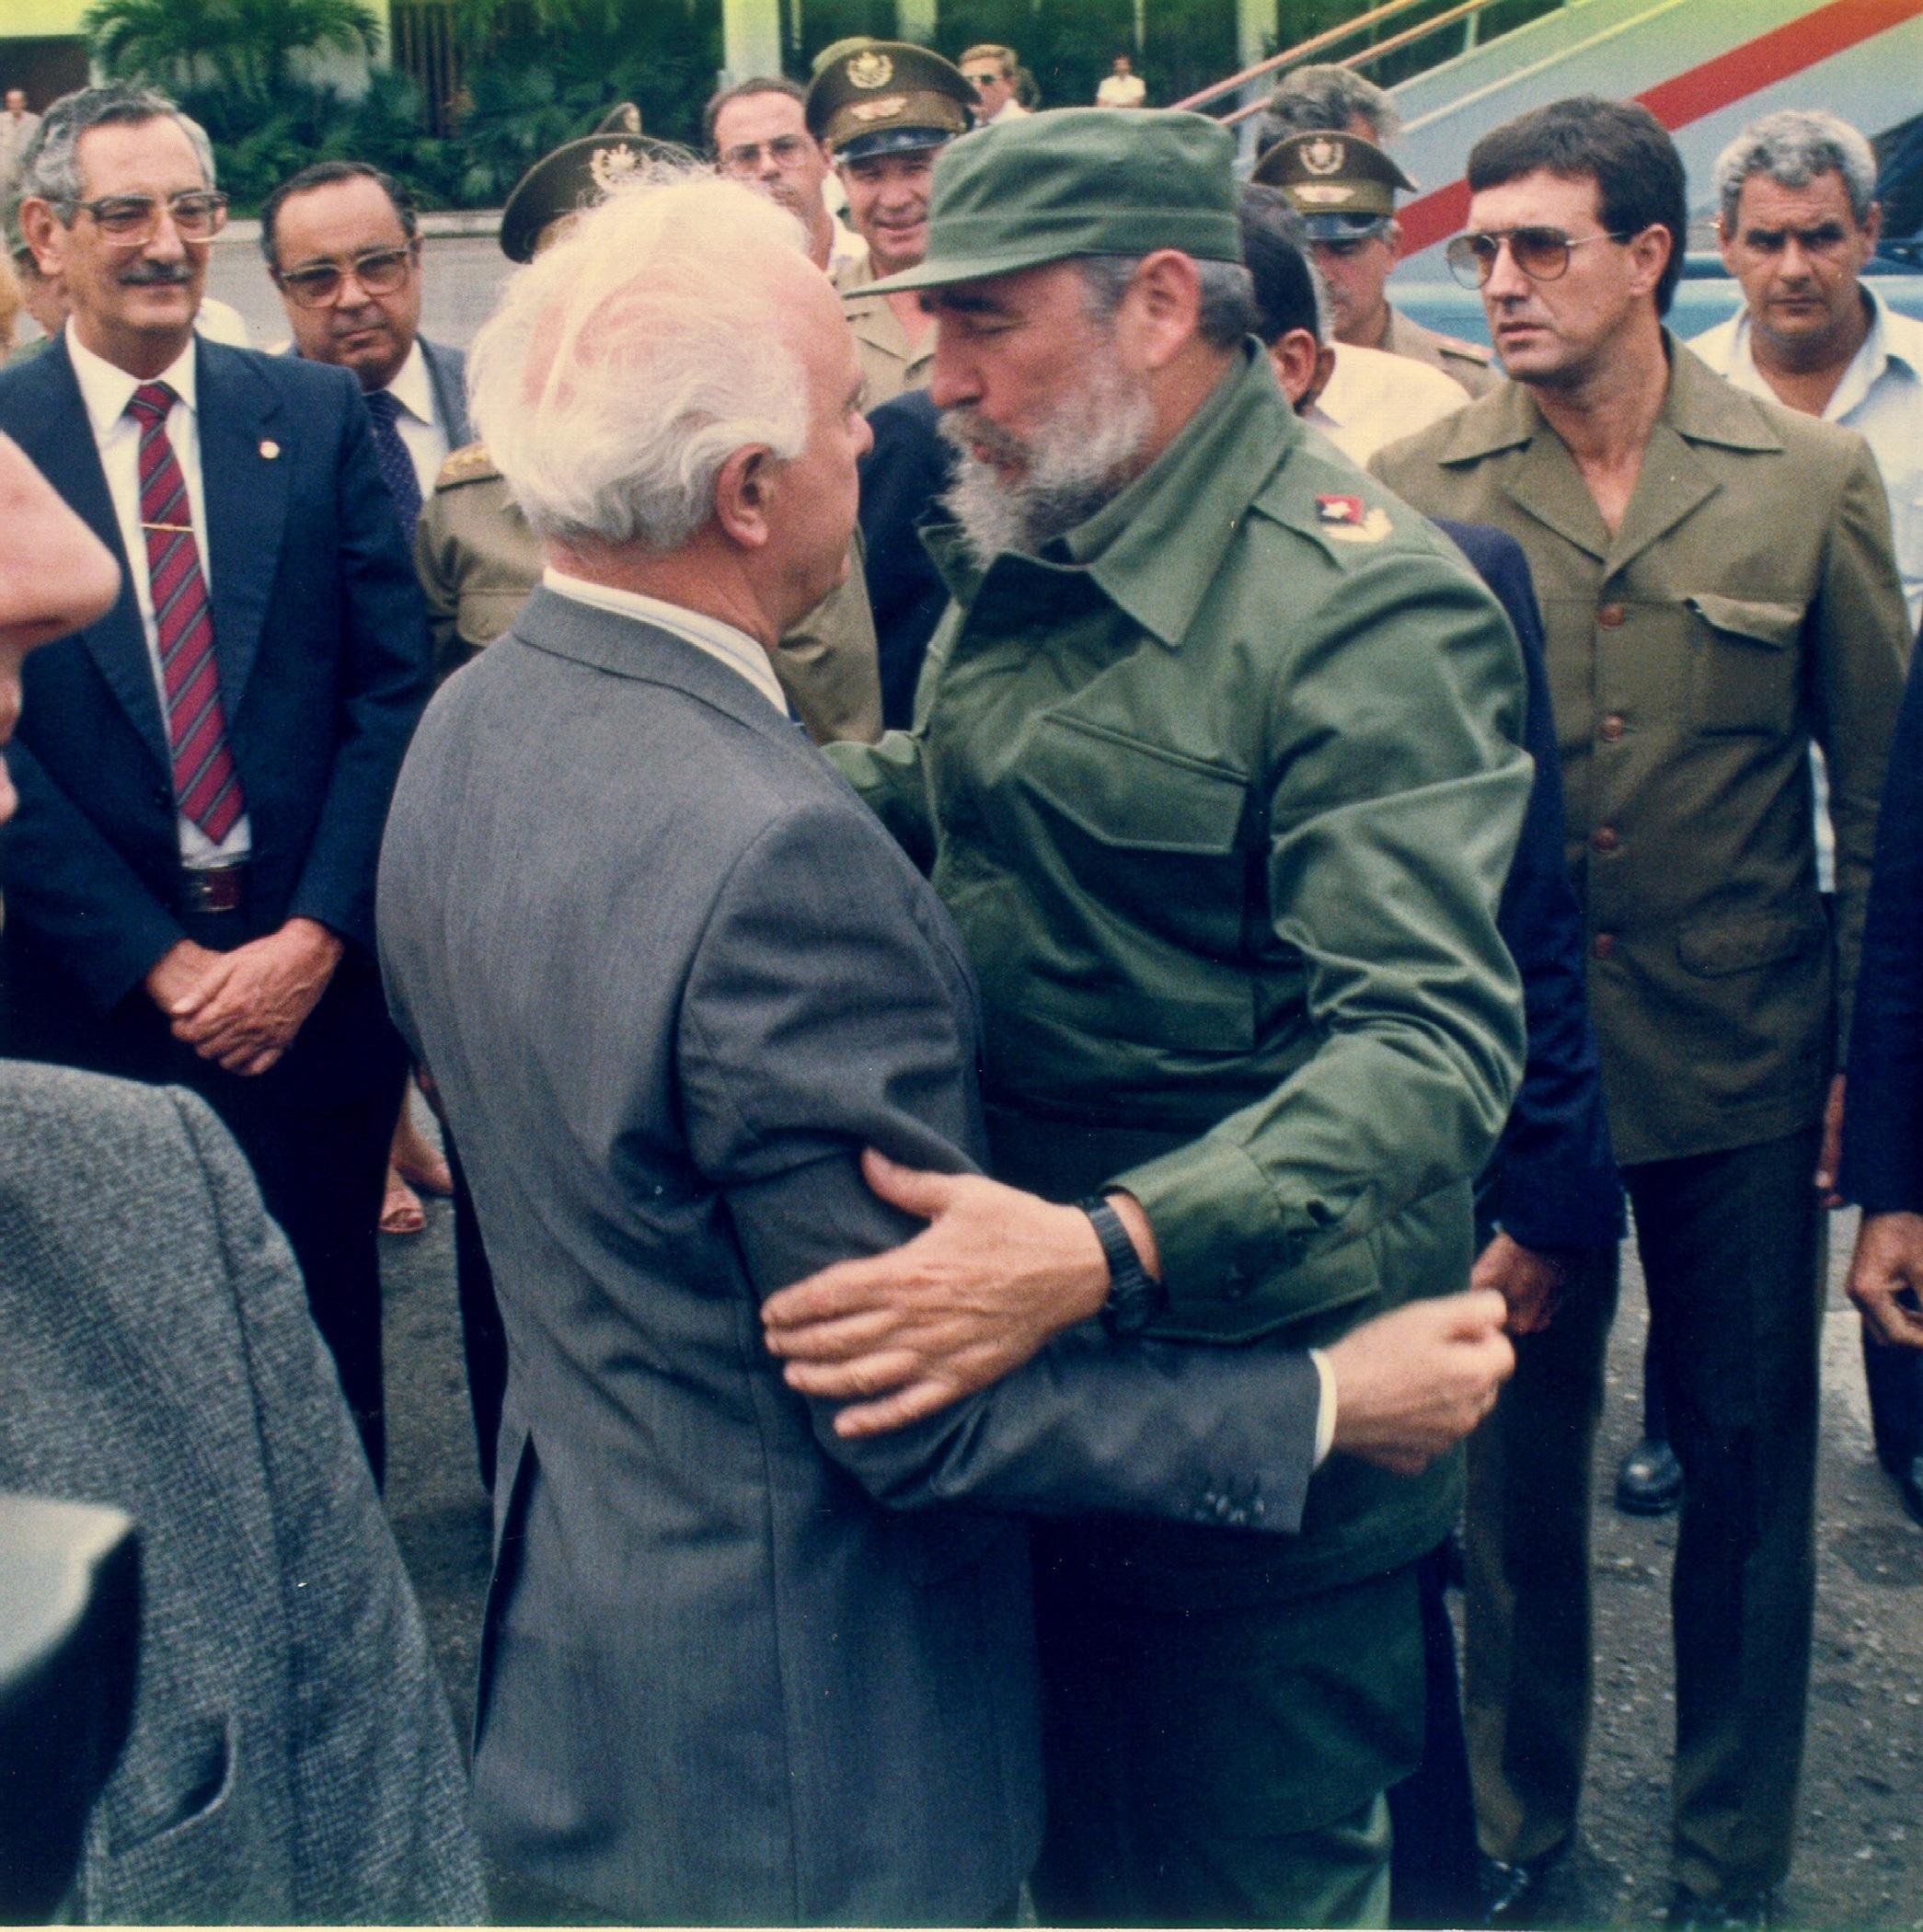 5 октомври 1989 г. - Фидел Кастро изпраща външния министър на СССР Едуард Шевернадзе на международното летище в Хавана.